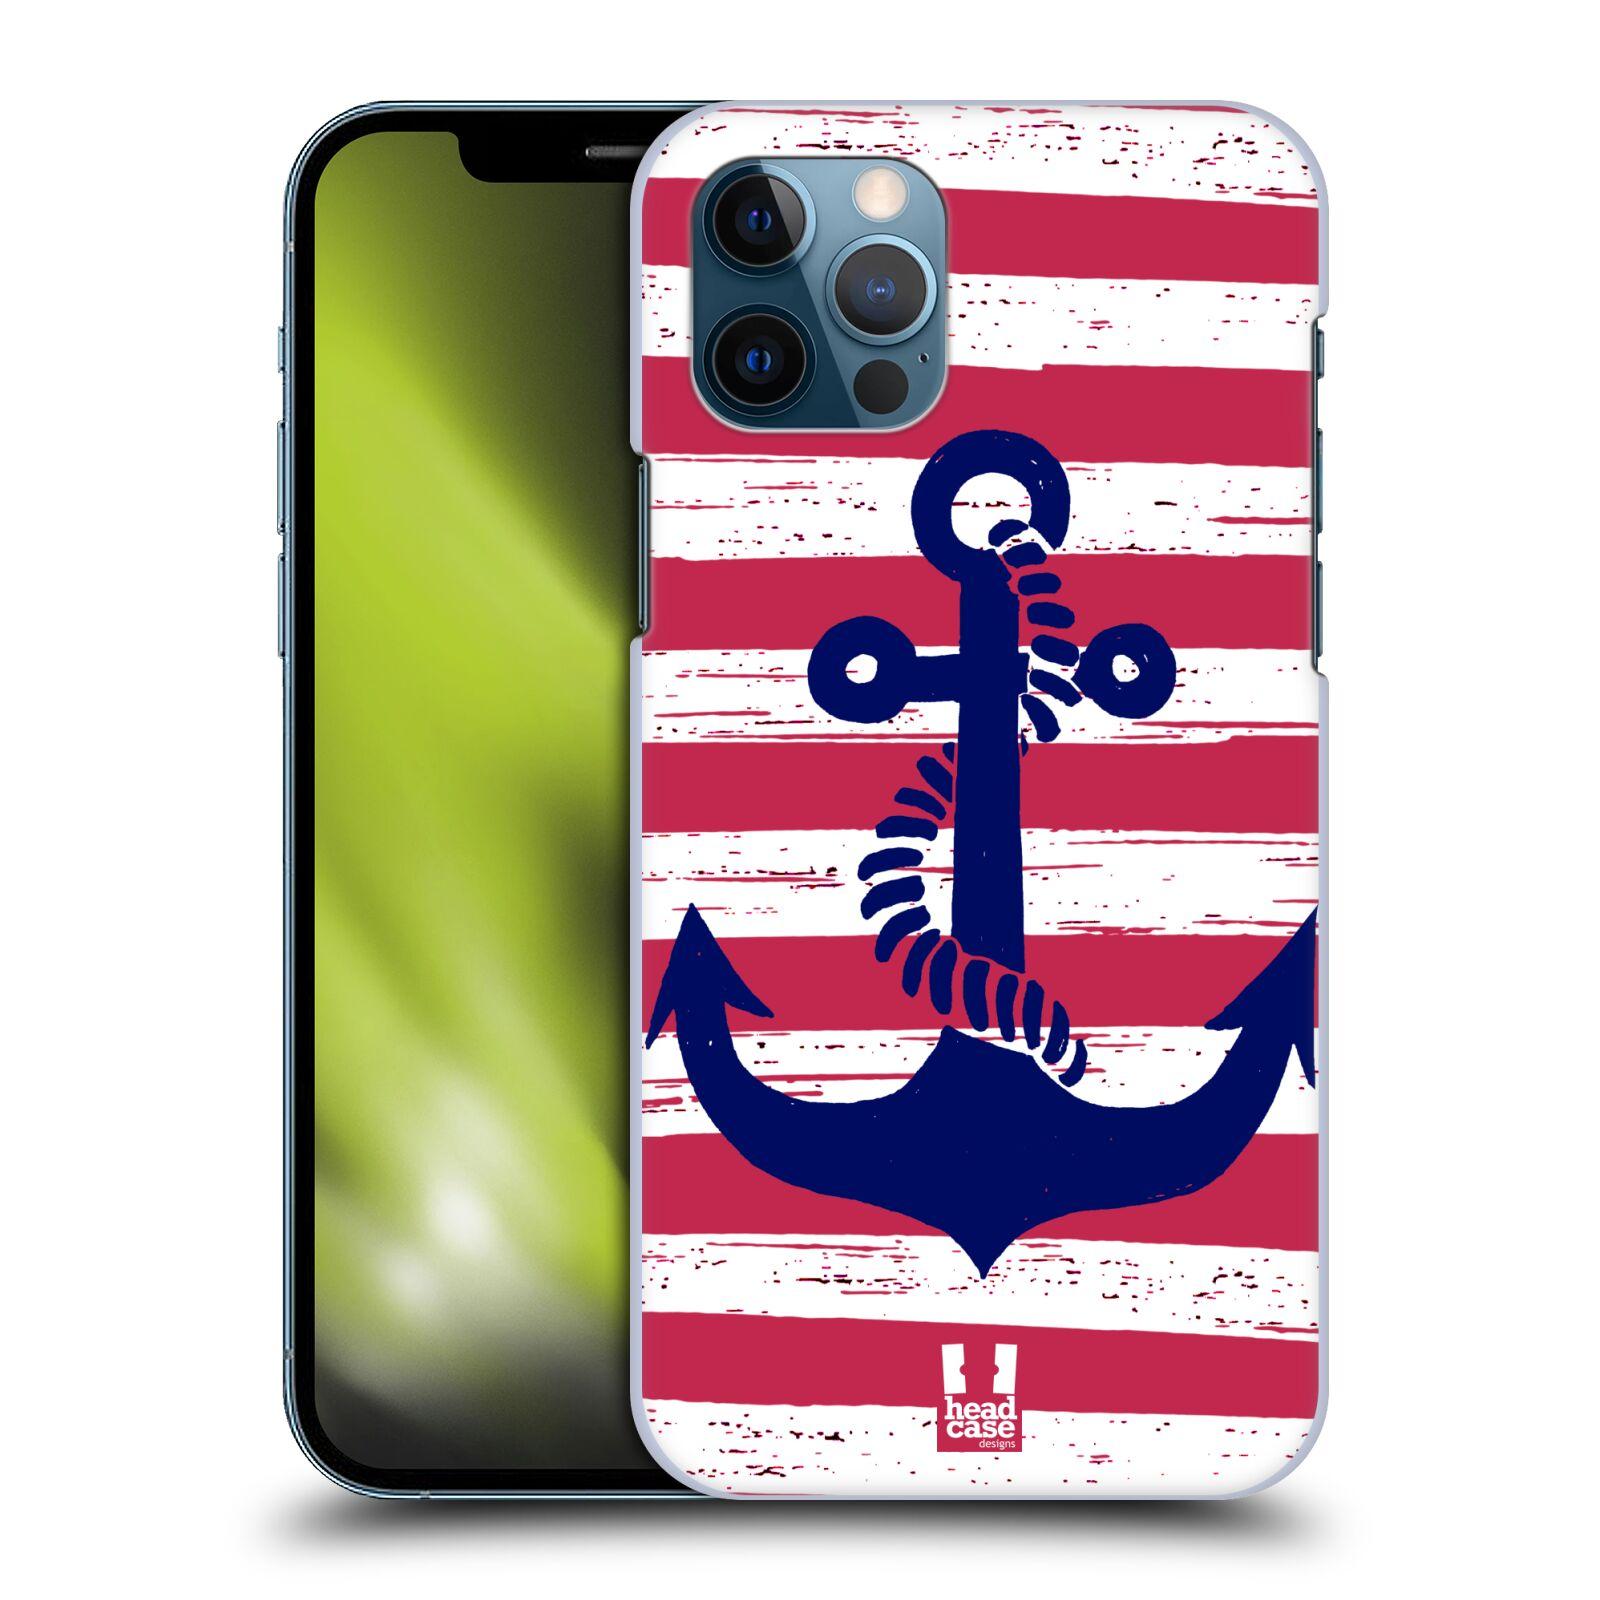 Plastové pouzdro na mobil Apple iPhone 12 / 12 Pro - Head Case - KOTVA S PRUHY